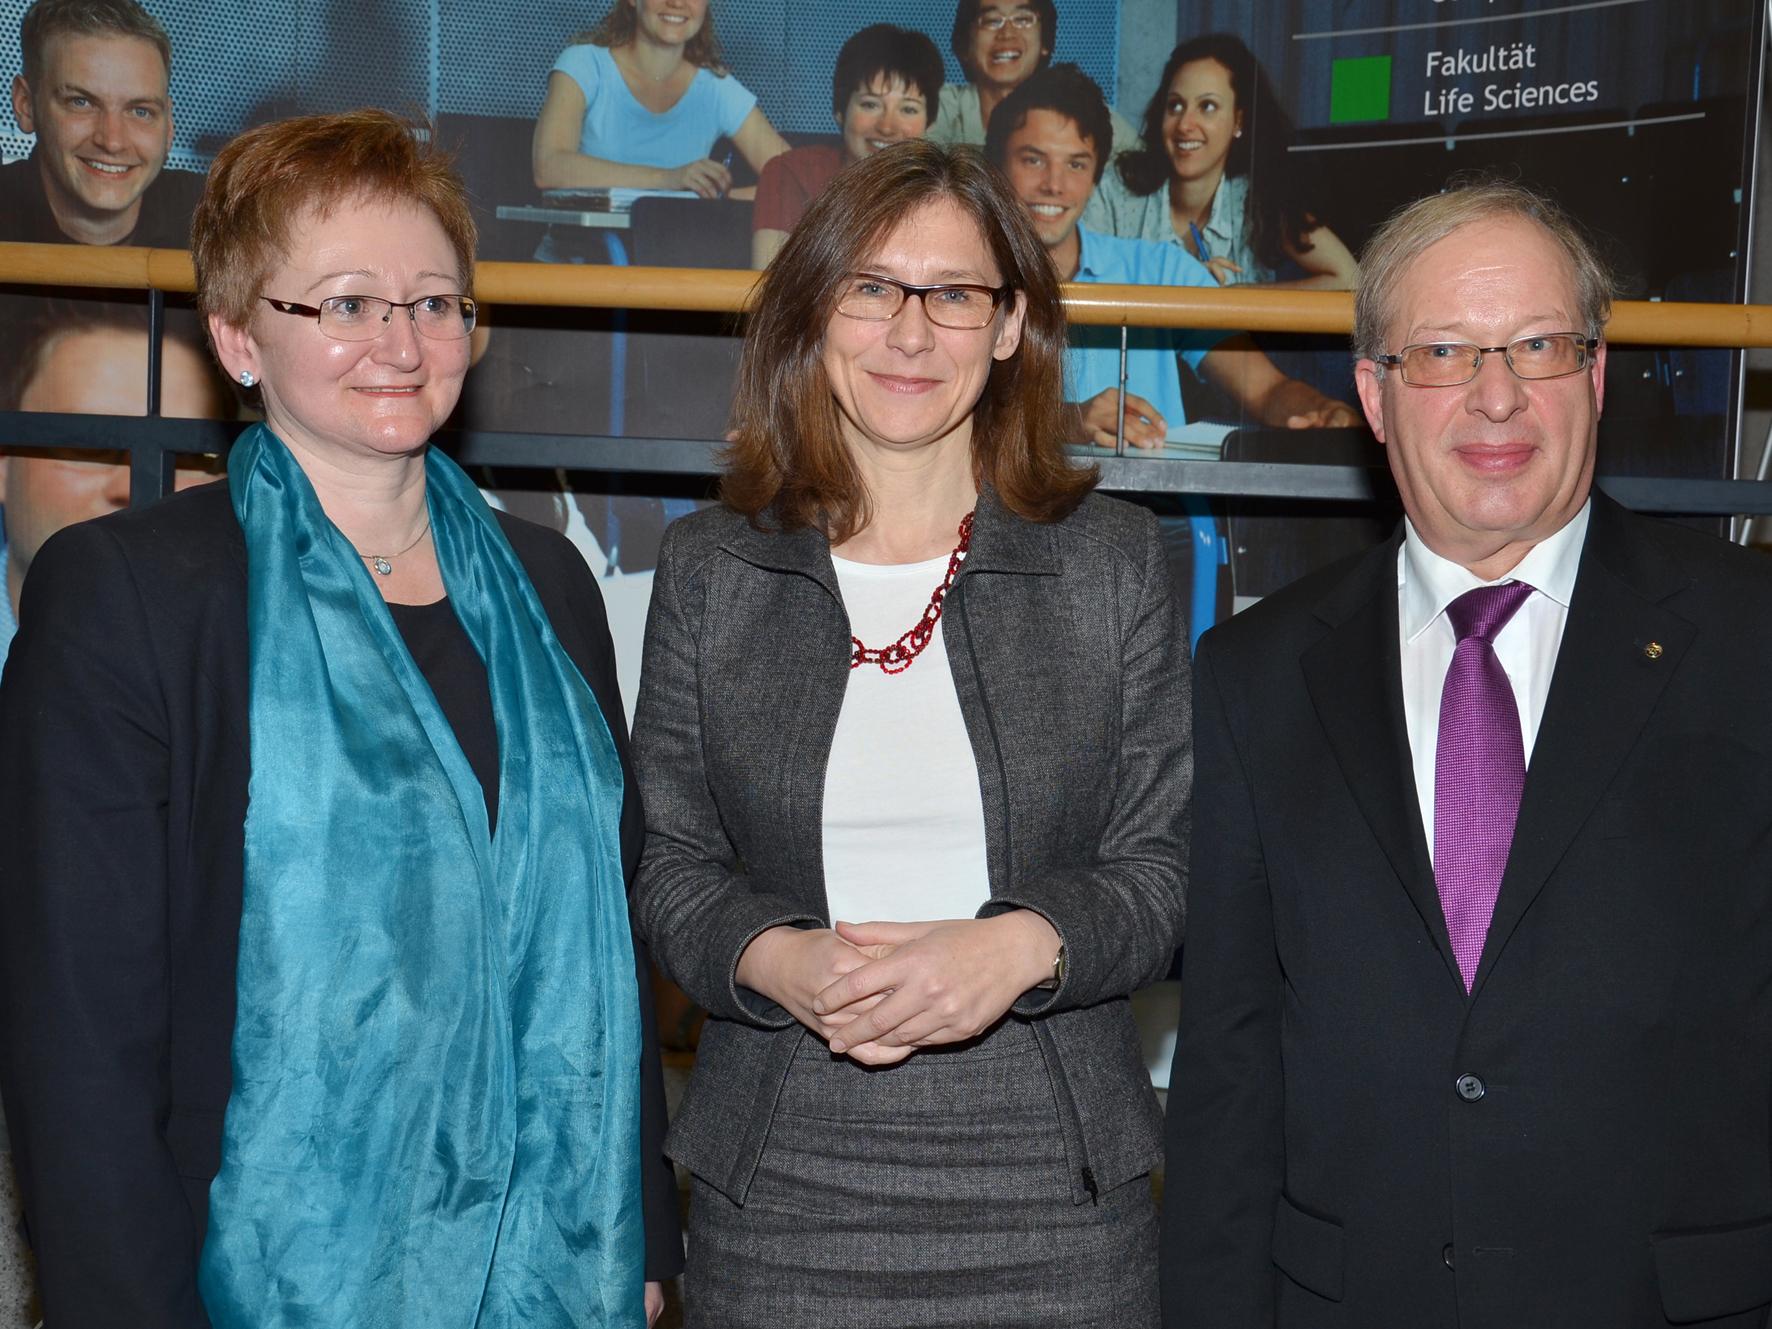 Ministerialdirektorin Dr. <b>Simone Schwanitz</b> dankte dem Ex-Rektor Prof. - Ministerialdirektorin-Dr-Simone-Schwanitz-dankte-dem-Ex-Rektor-Prof-Dr-Guenter-Rexer-und-wuenschte-der-neuen-Rektorin-Dr-Ingeborg-Muehldorfer-alles-Gute